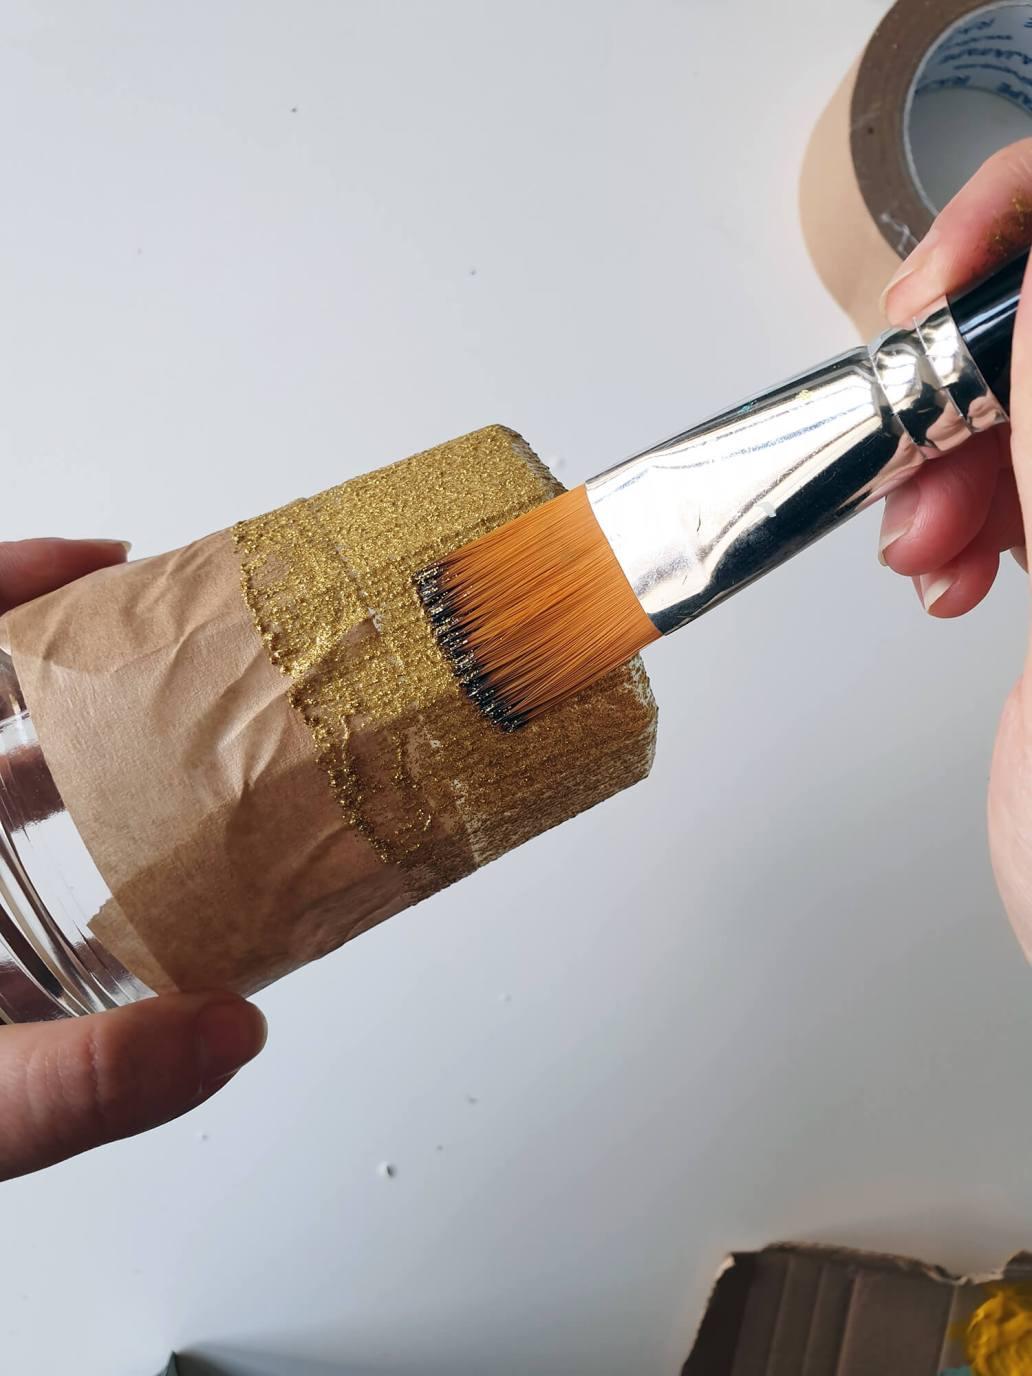 20201013 170041 - DIY Noël zéro-déchet : créer des photophores dorés